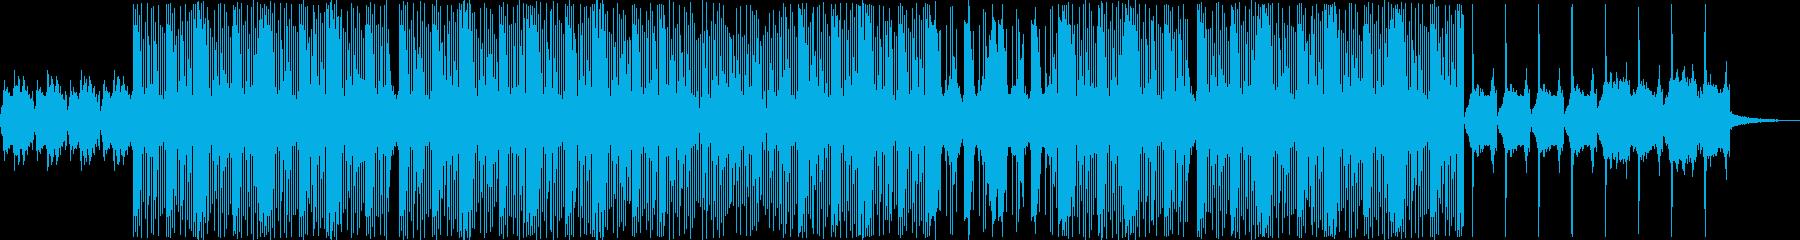 浮遊感のあるウワモノのトラップビートの再生済みの波形